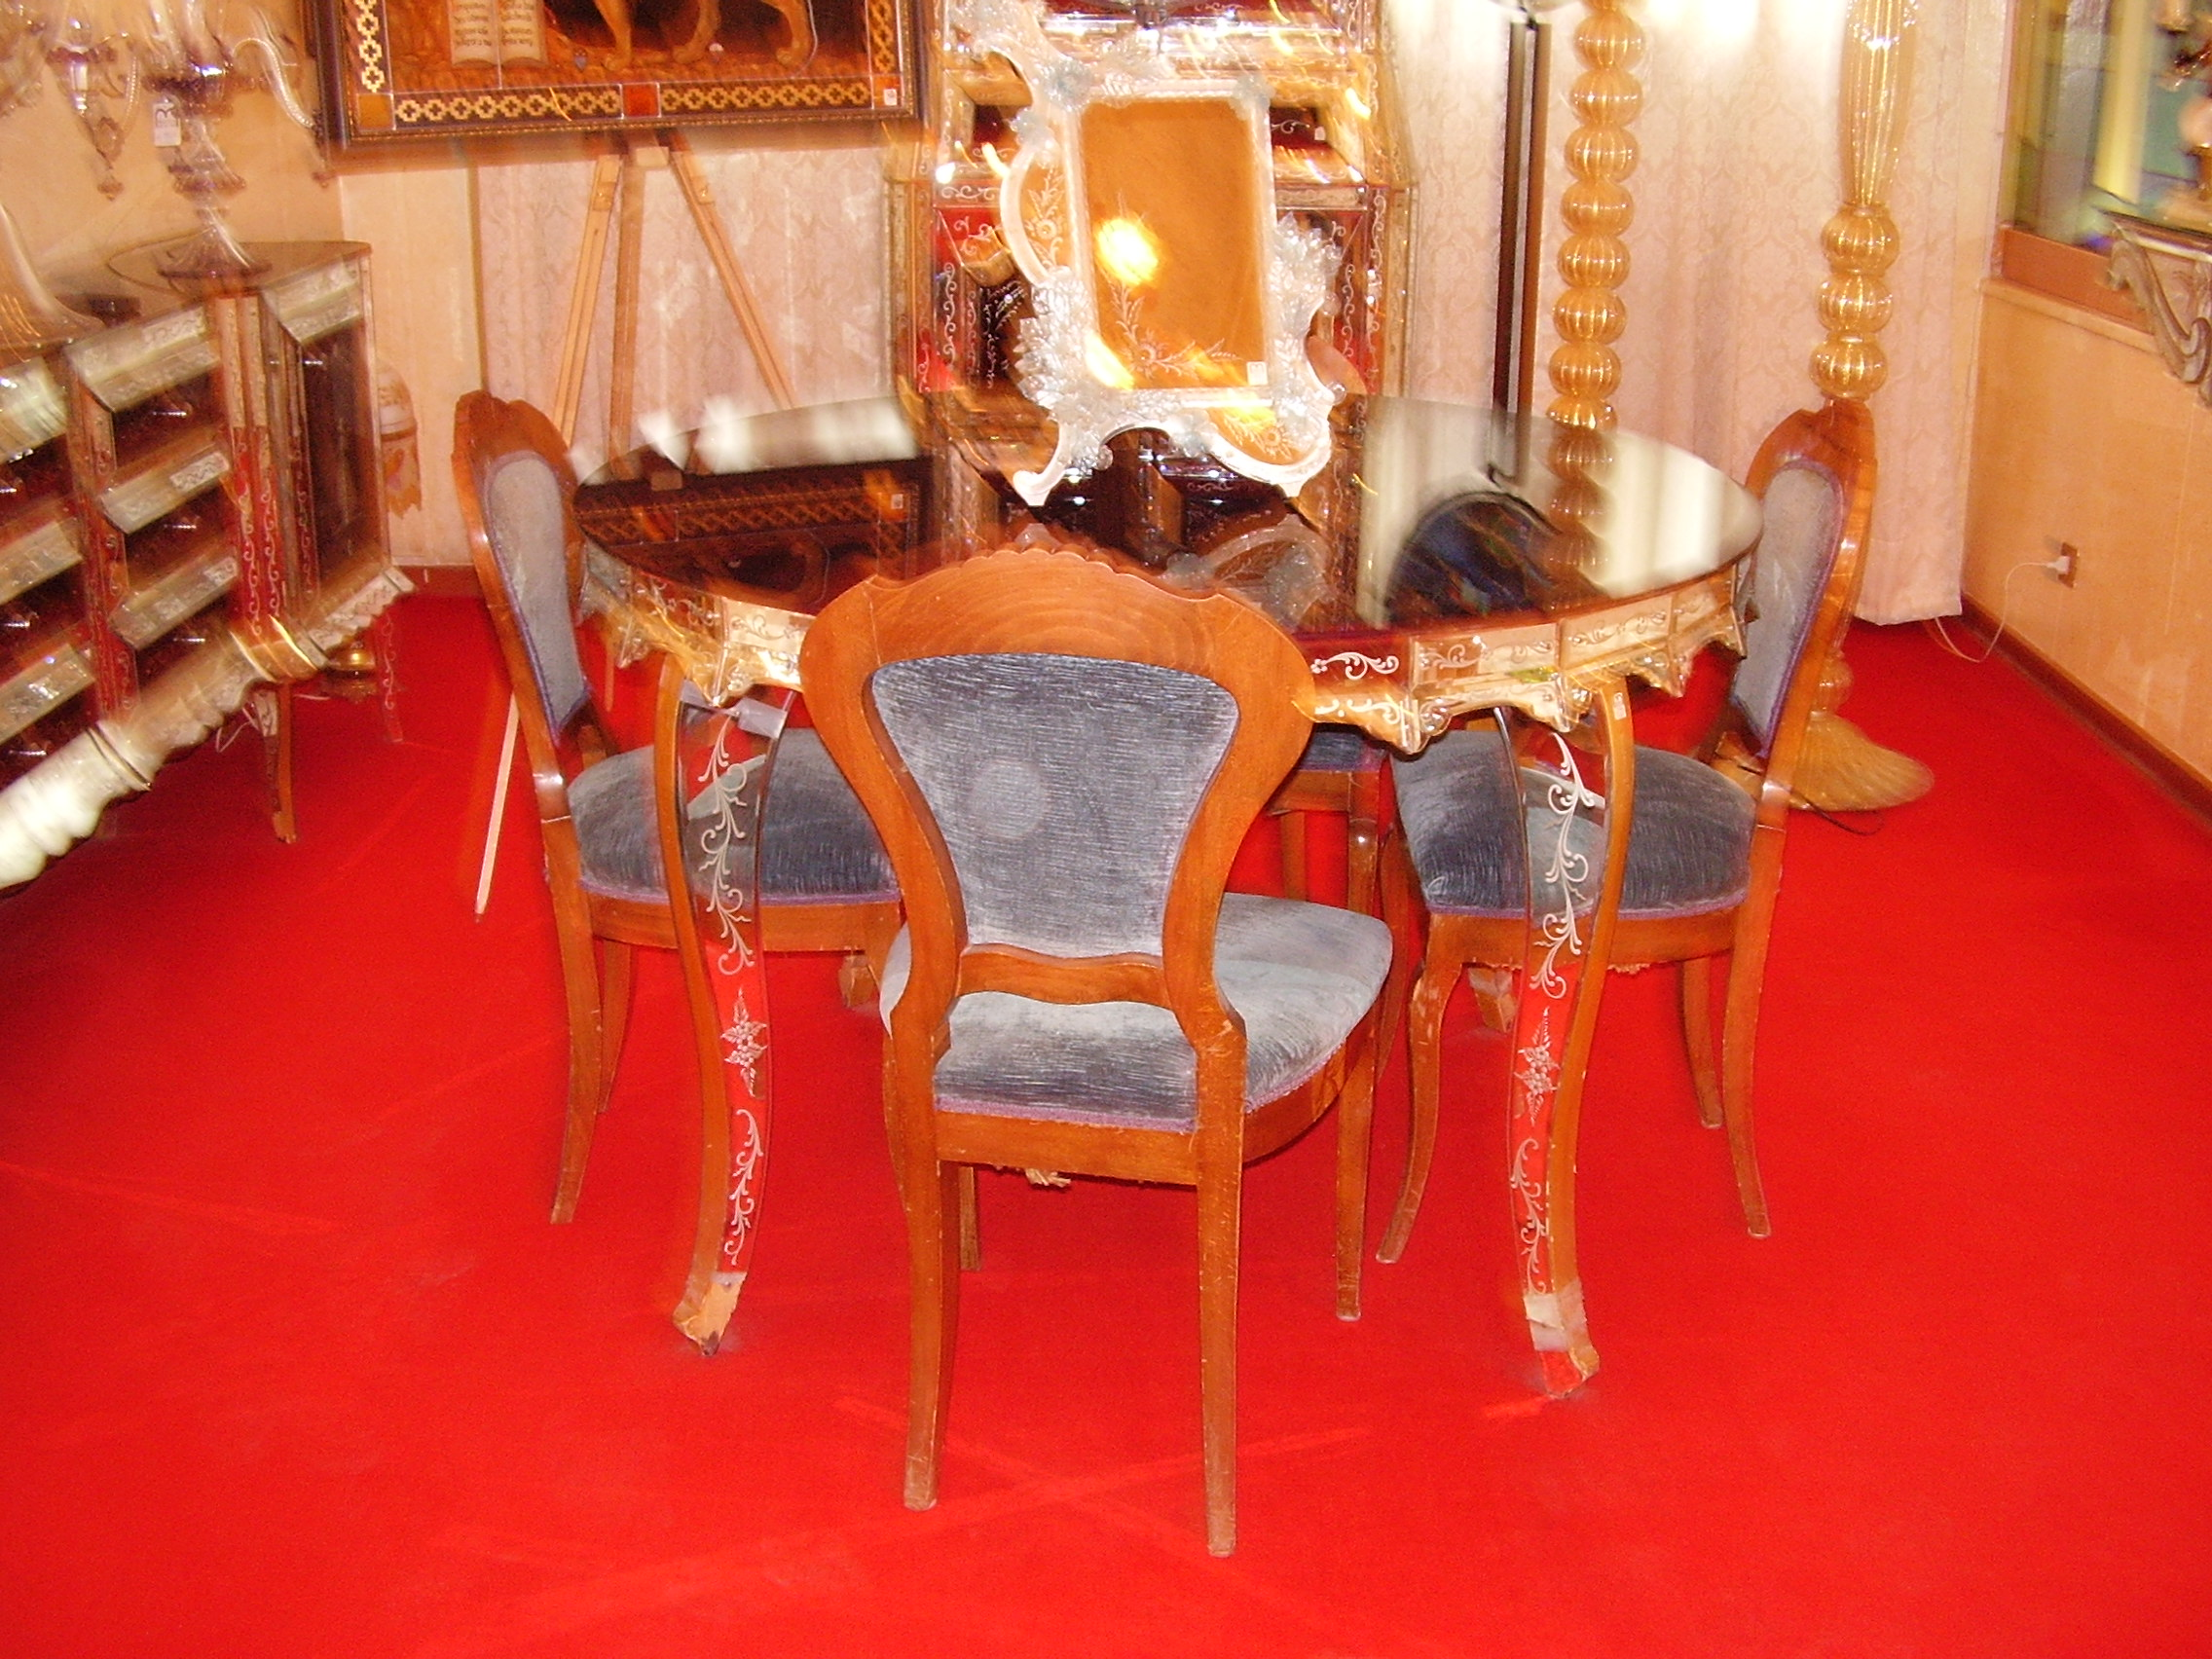 Table glass - Venice - Veneto private tour